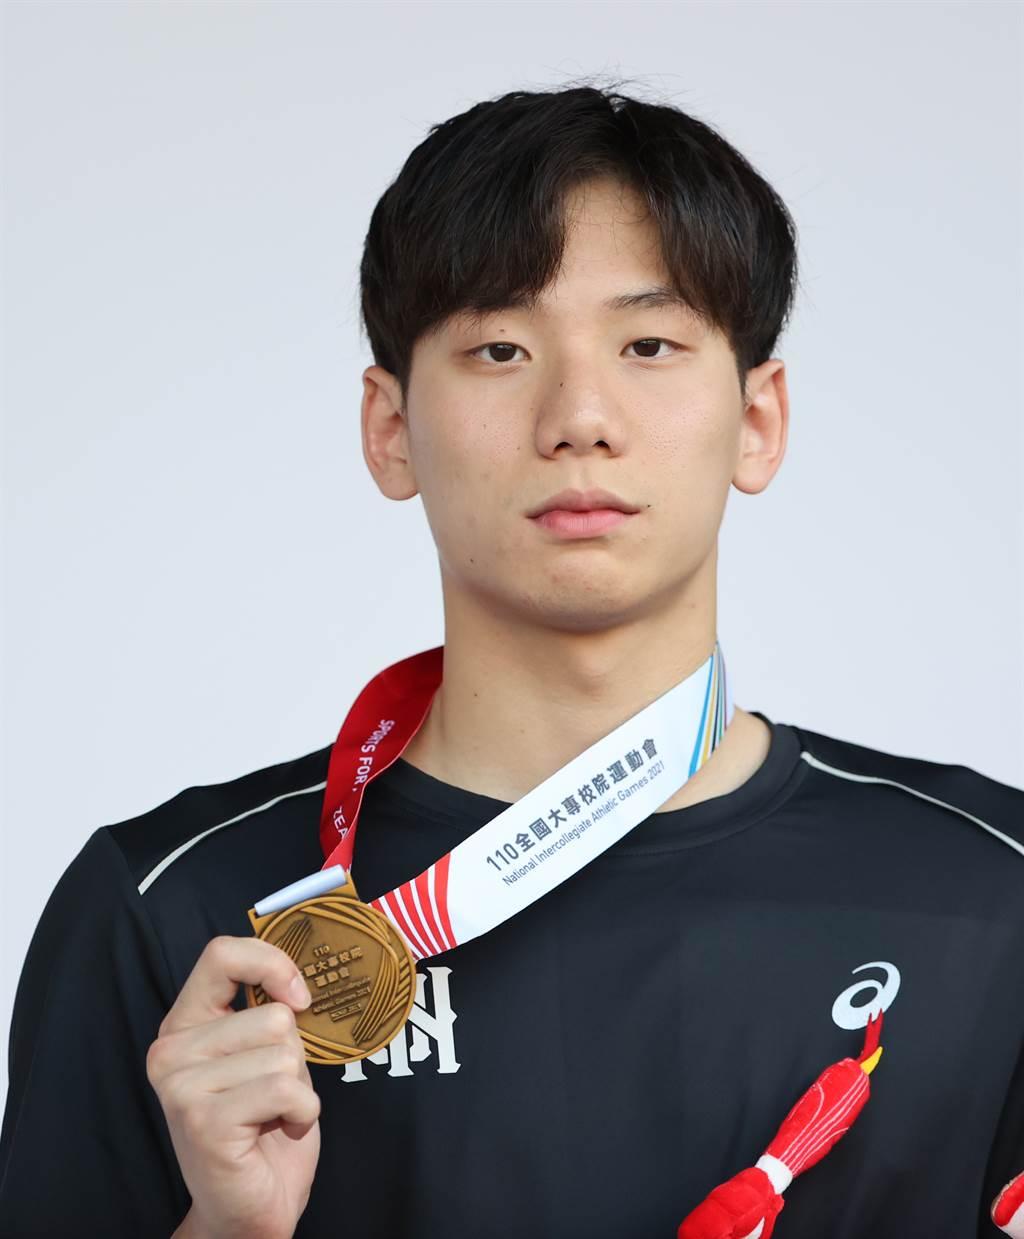 王冠閎在2021台南全大運游泳男子200公尺蝶式游出1分54秒77全國新猷並摘金。(運促會提供)